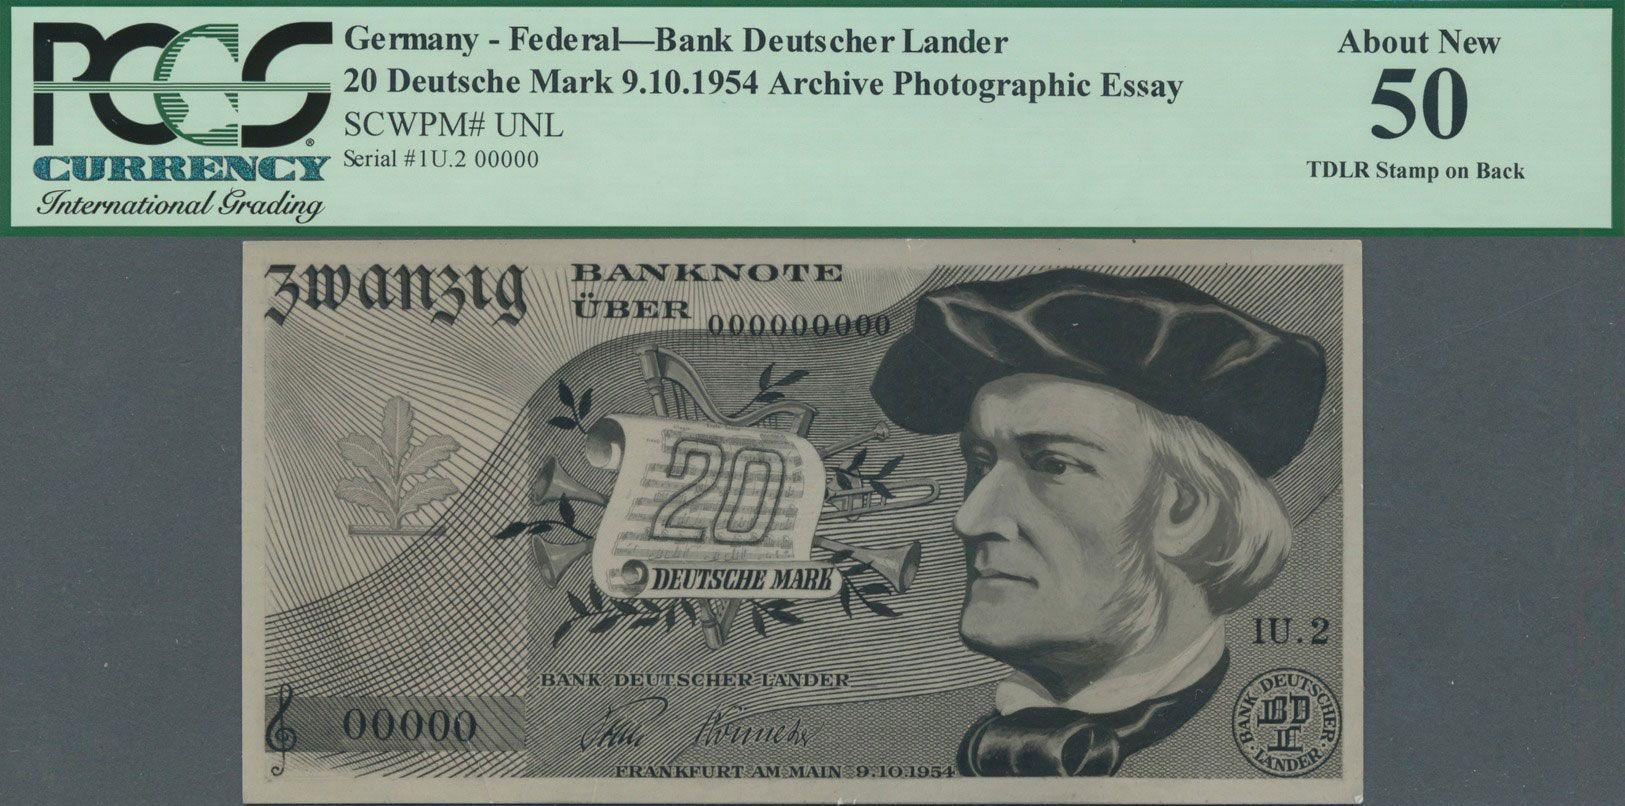 Unbekannter Entwurf 20 Dm 1954 Der Bank Deutscher Lander Deutschland Bundesrepublik Brd Dm Entwurf Papiergeld Banknote Geldschei Bank Geldscheine Geld